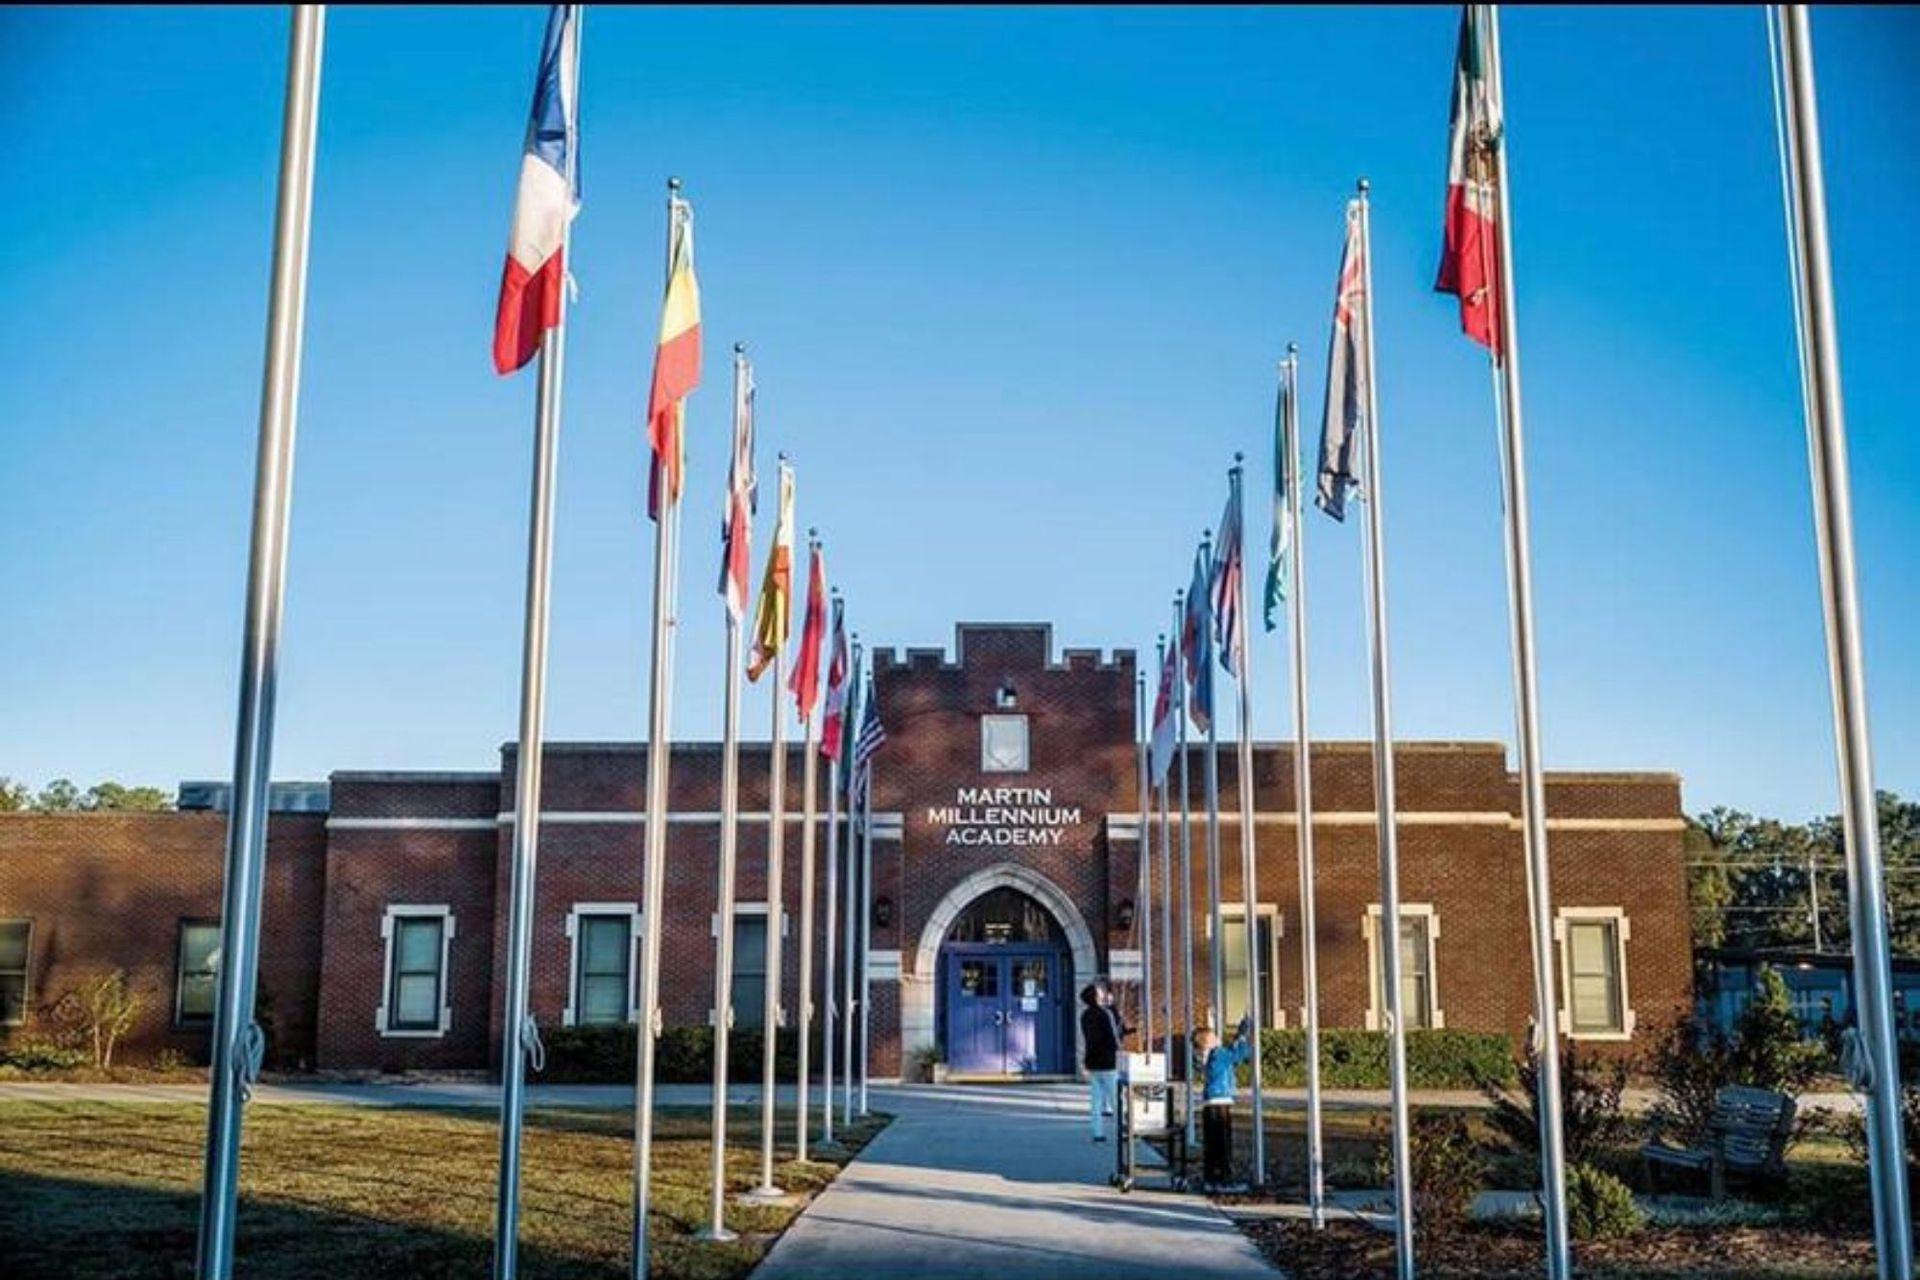 La escuela de Tarboro que tiene un programa de inmersión multicultural